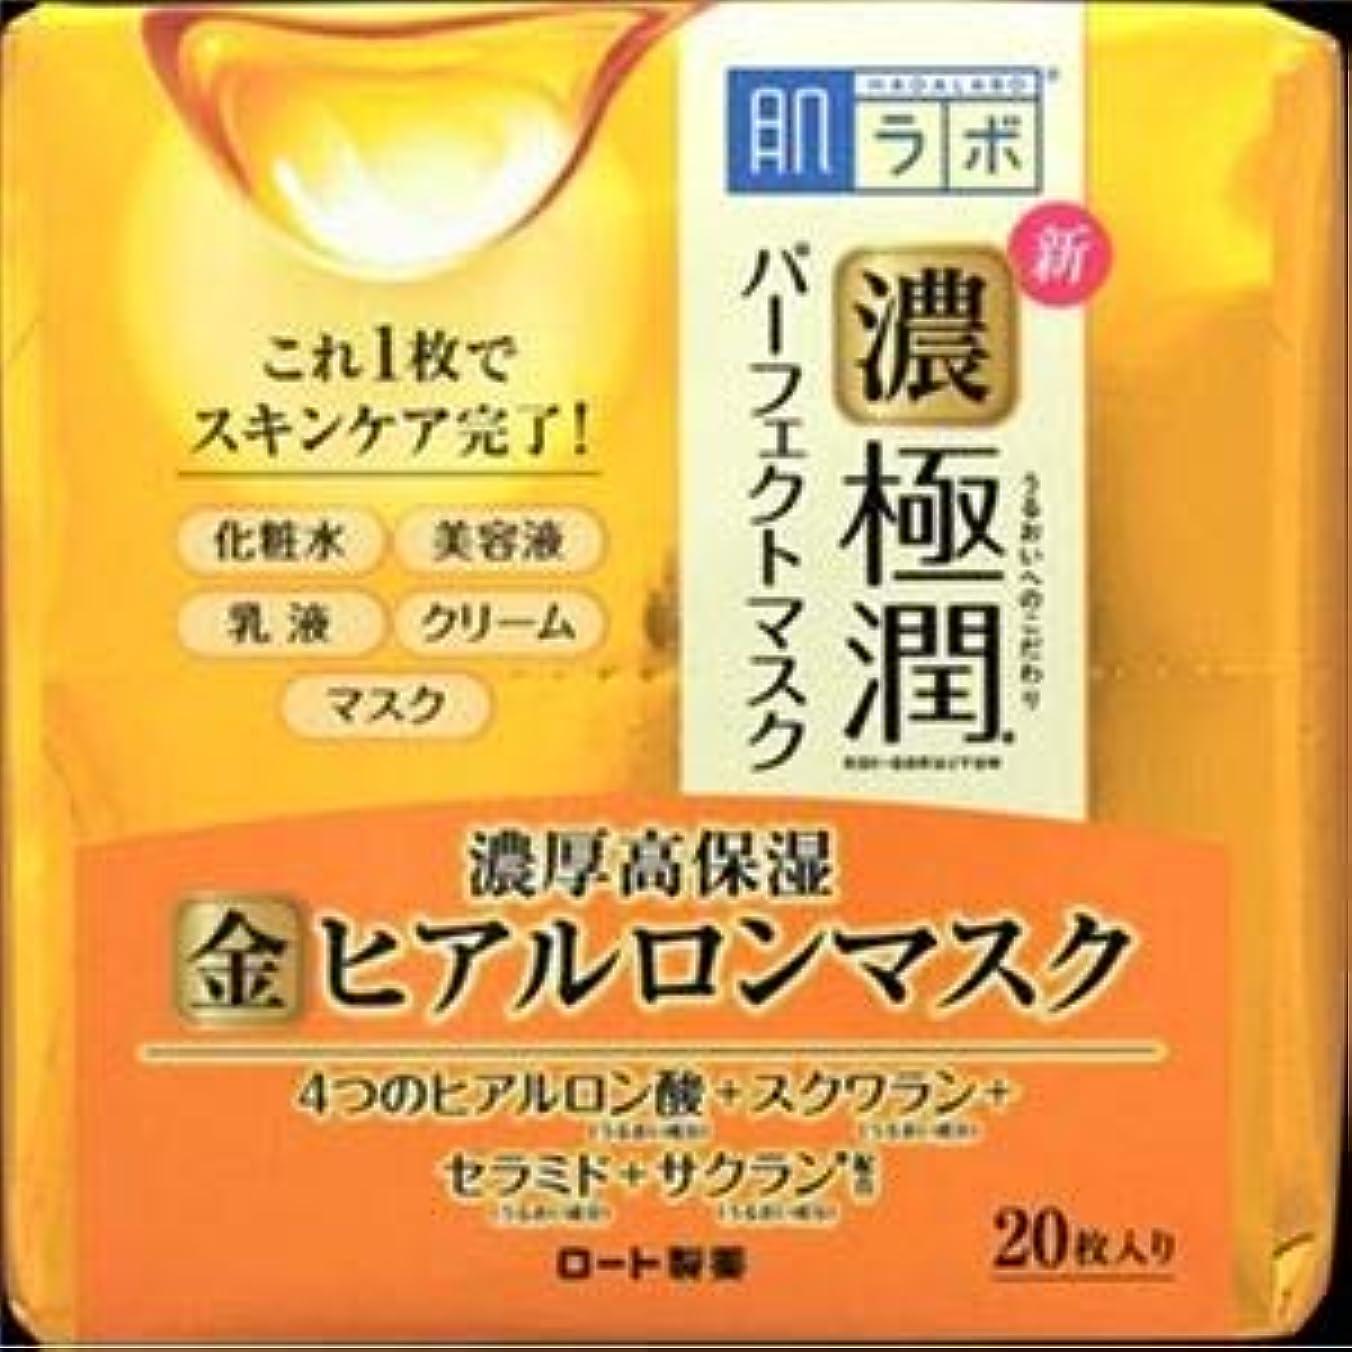 カメラアプライアンスオンス(まとめ)ロート製薬 肌ラボ 極潤パーフェクトマスク 20枚 【×3点セット】